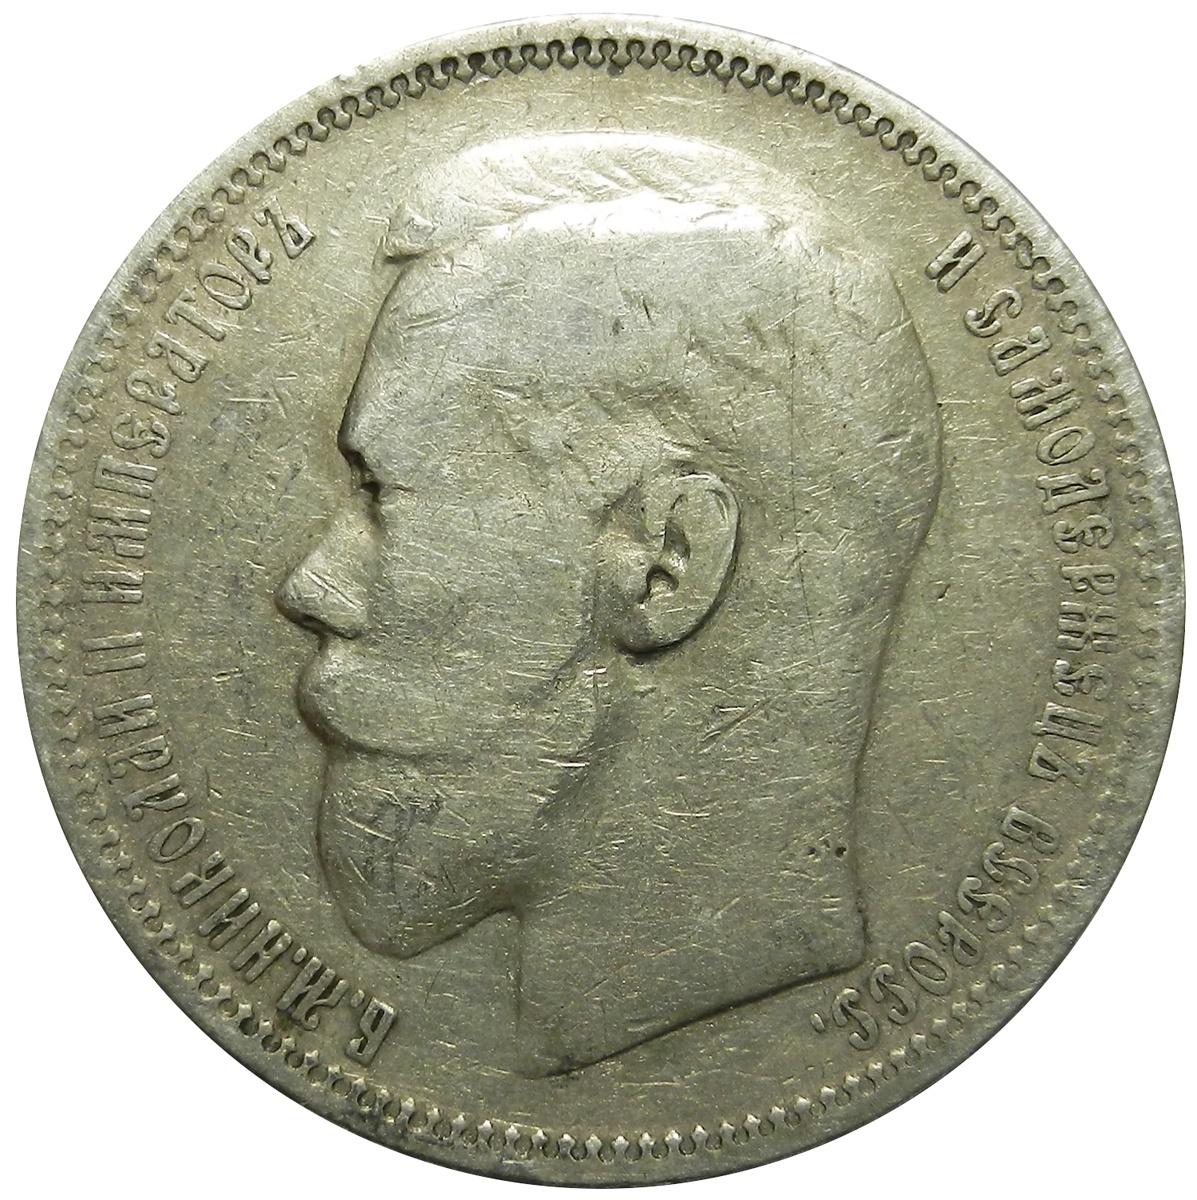 Монета Рубль. Российская Империя, 1896 год (Одна звезда (Париж)) XF+